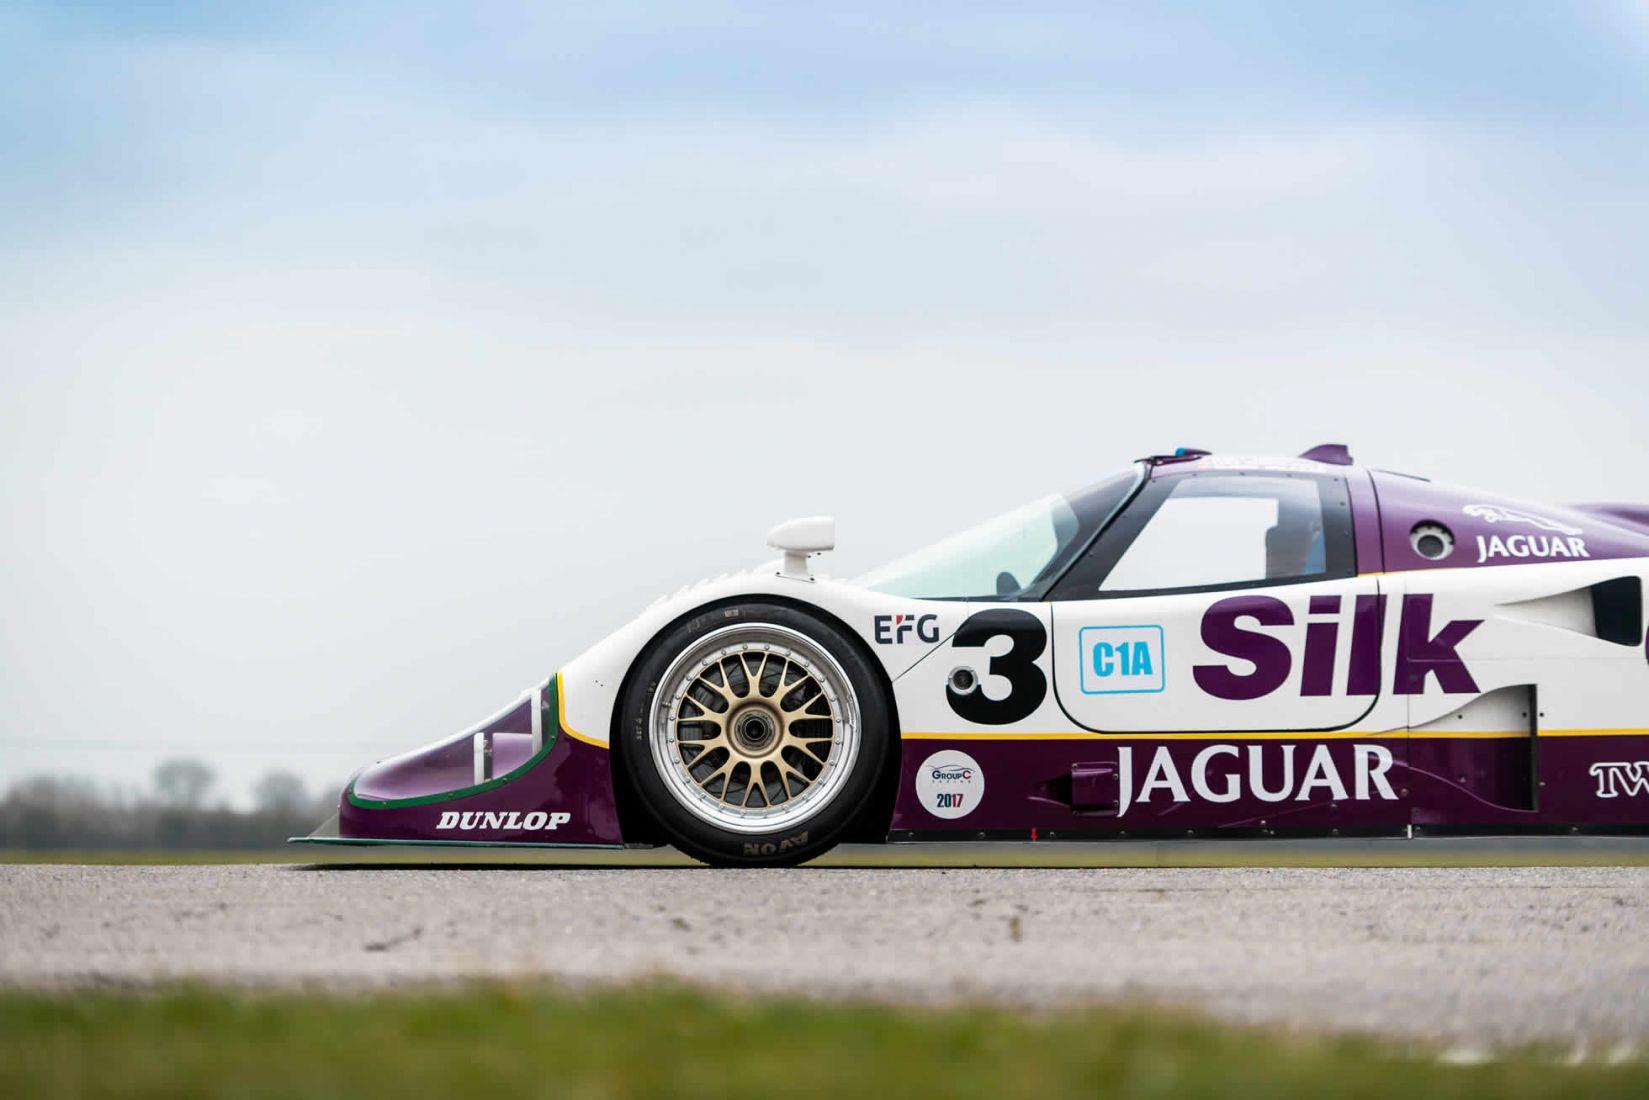 nt-sportspurpose-jaguar-xjr12-j12c190-1193.jpg